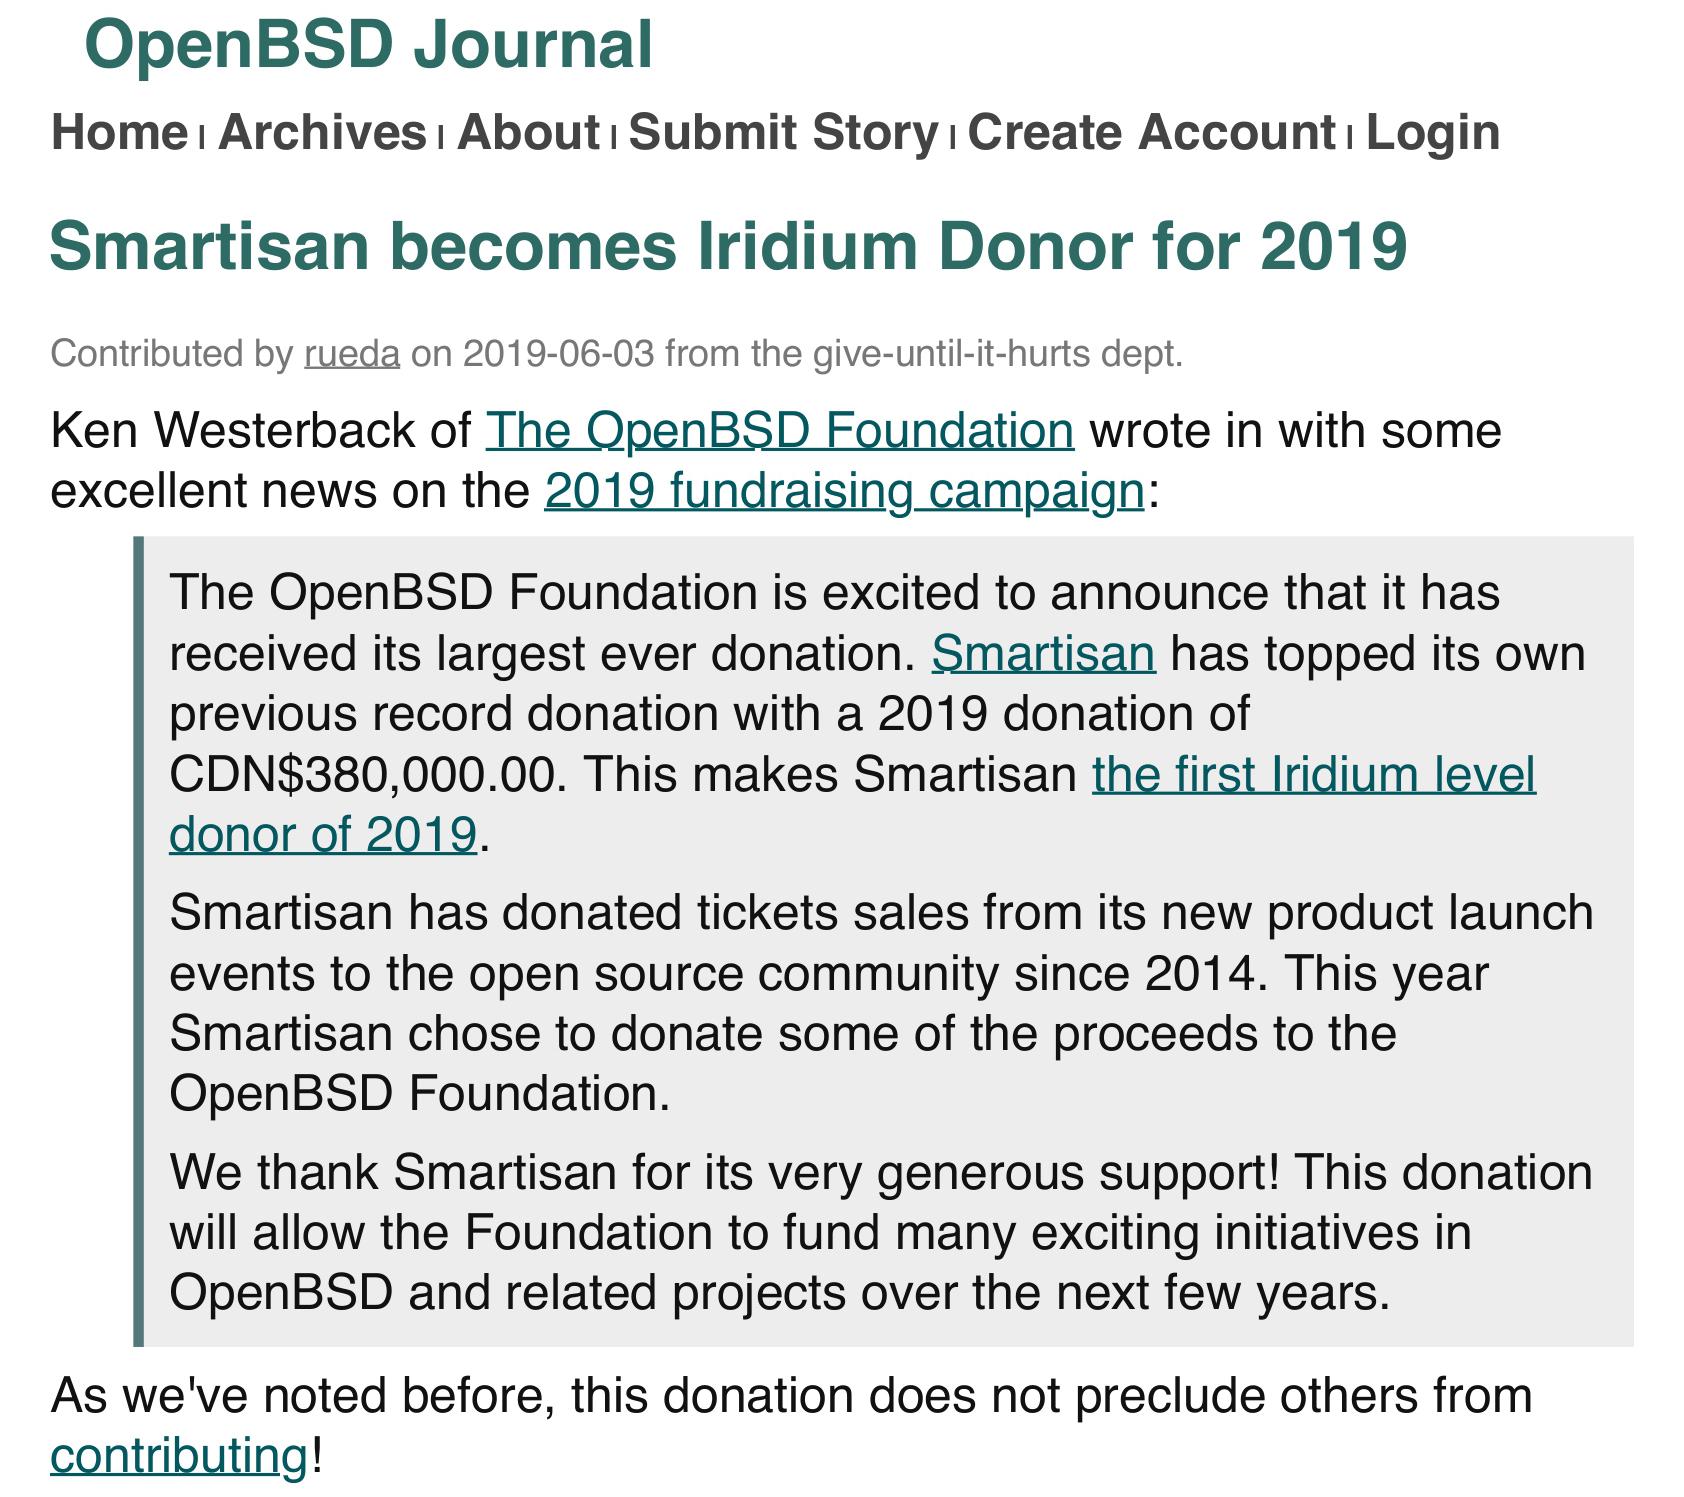 OpenBSD 基金会已收到锤子科技约 195 万的捐款A